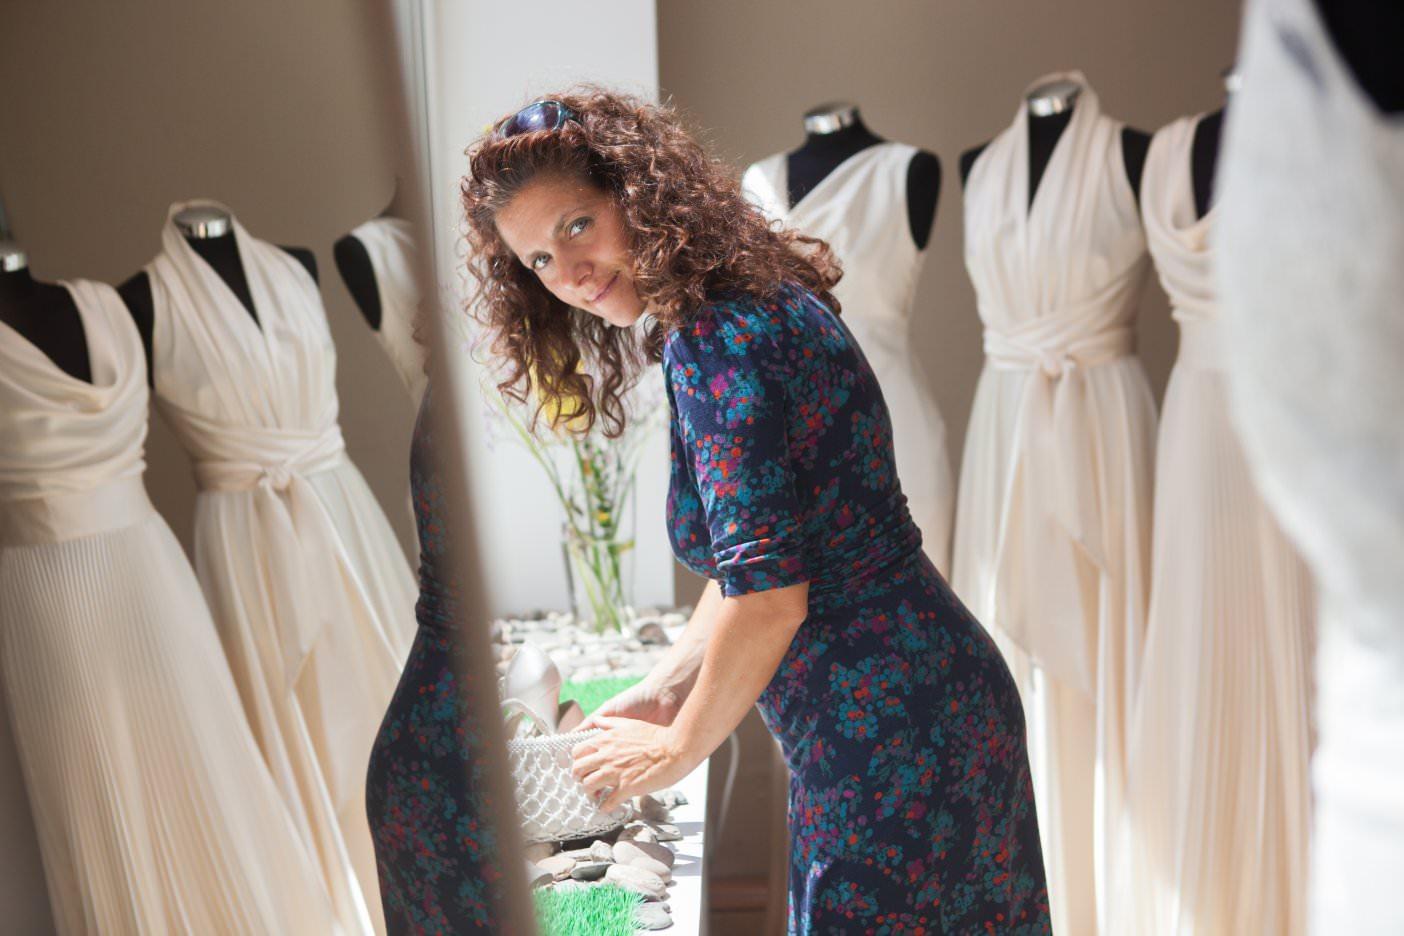 Hochzeitskleid schneidern lassen Köln